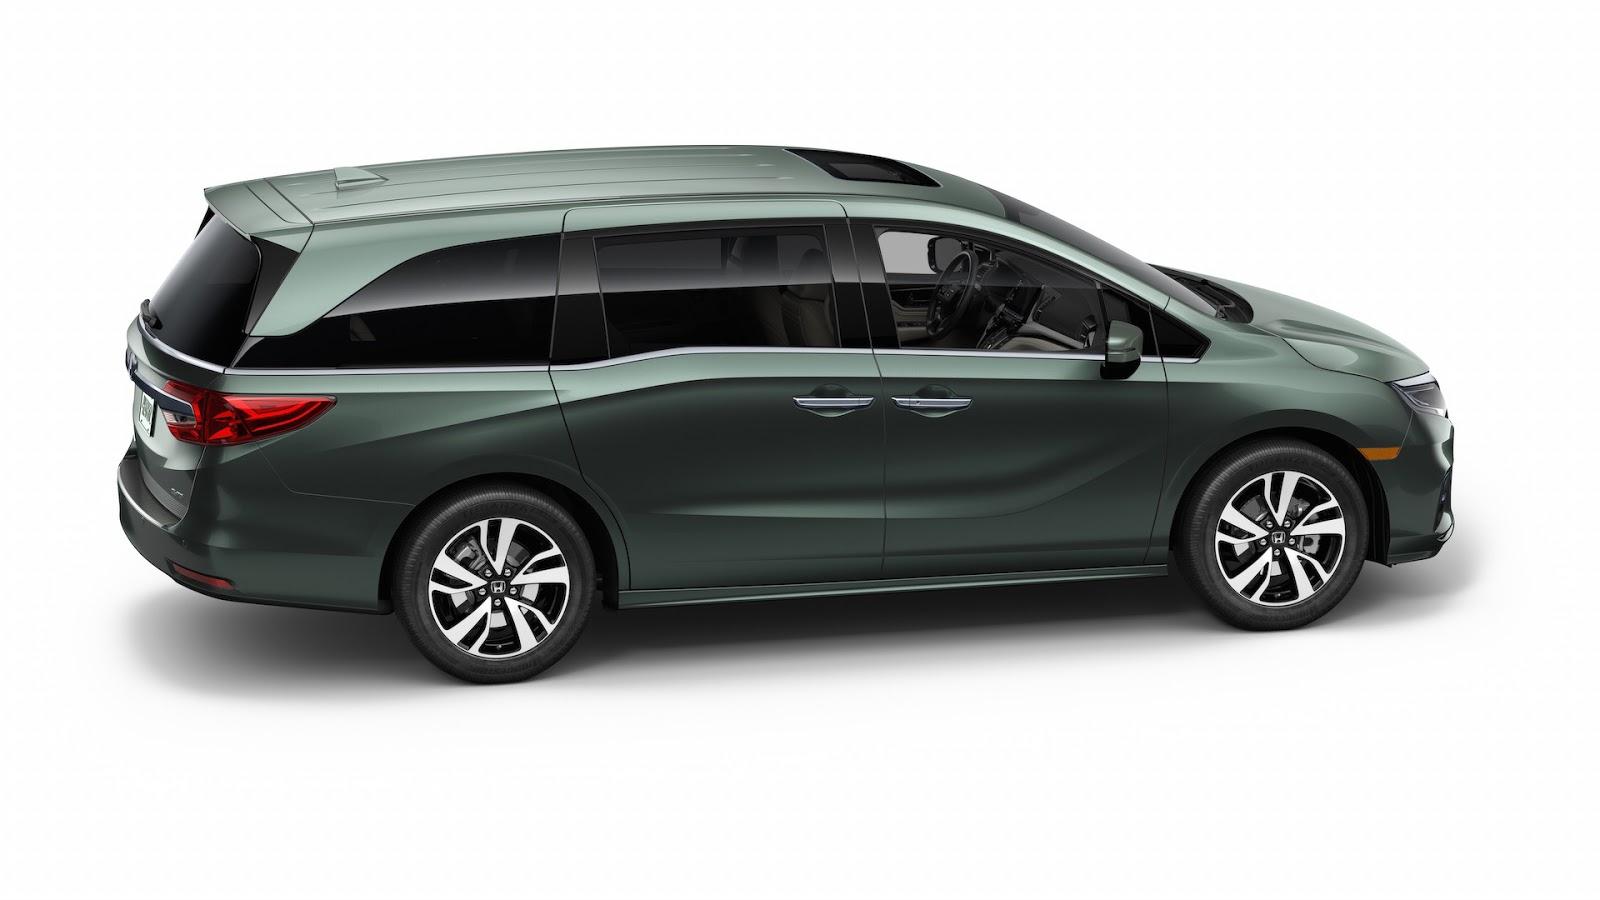 Honda Odyssey 2018 thêm tính năng dành riêng cho gia đình - ảnh 2